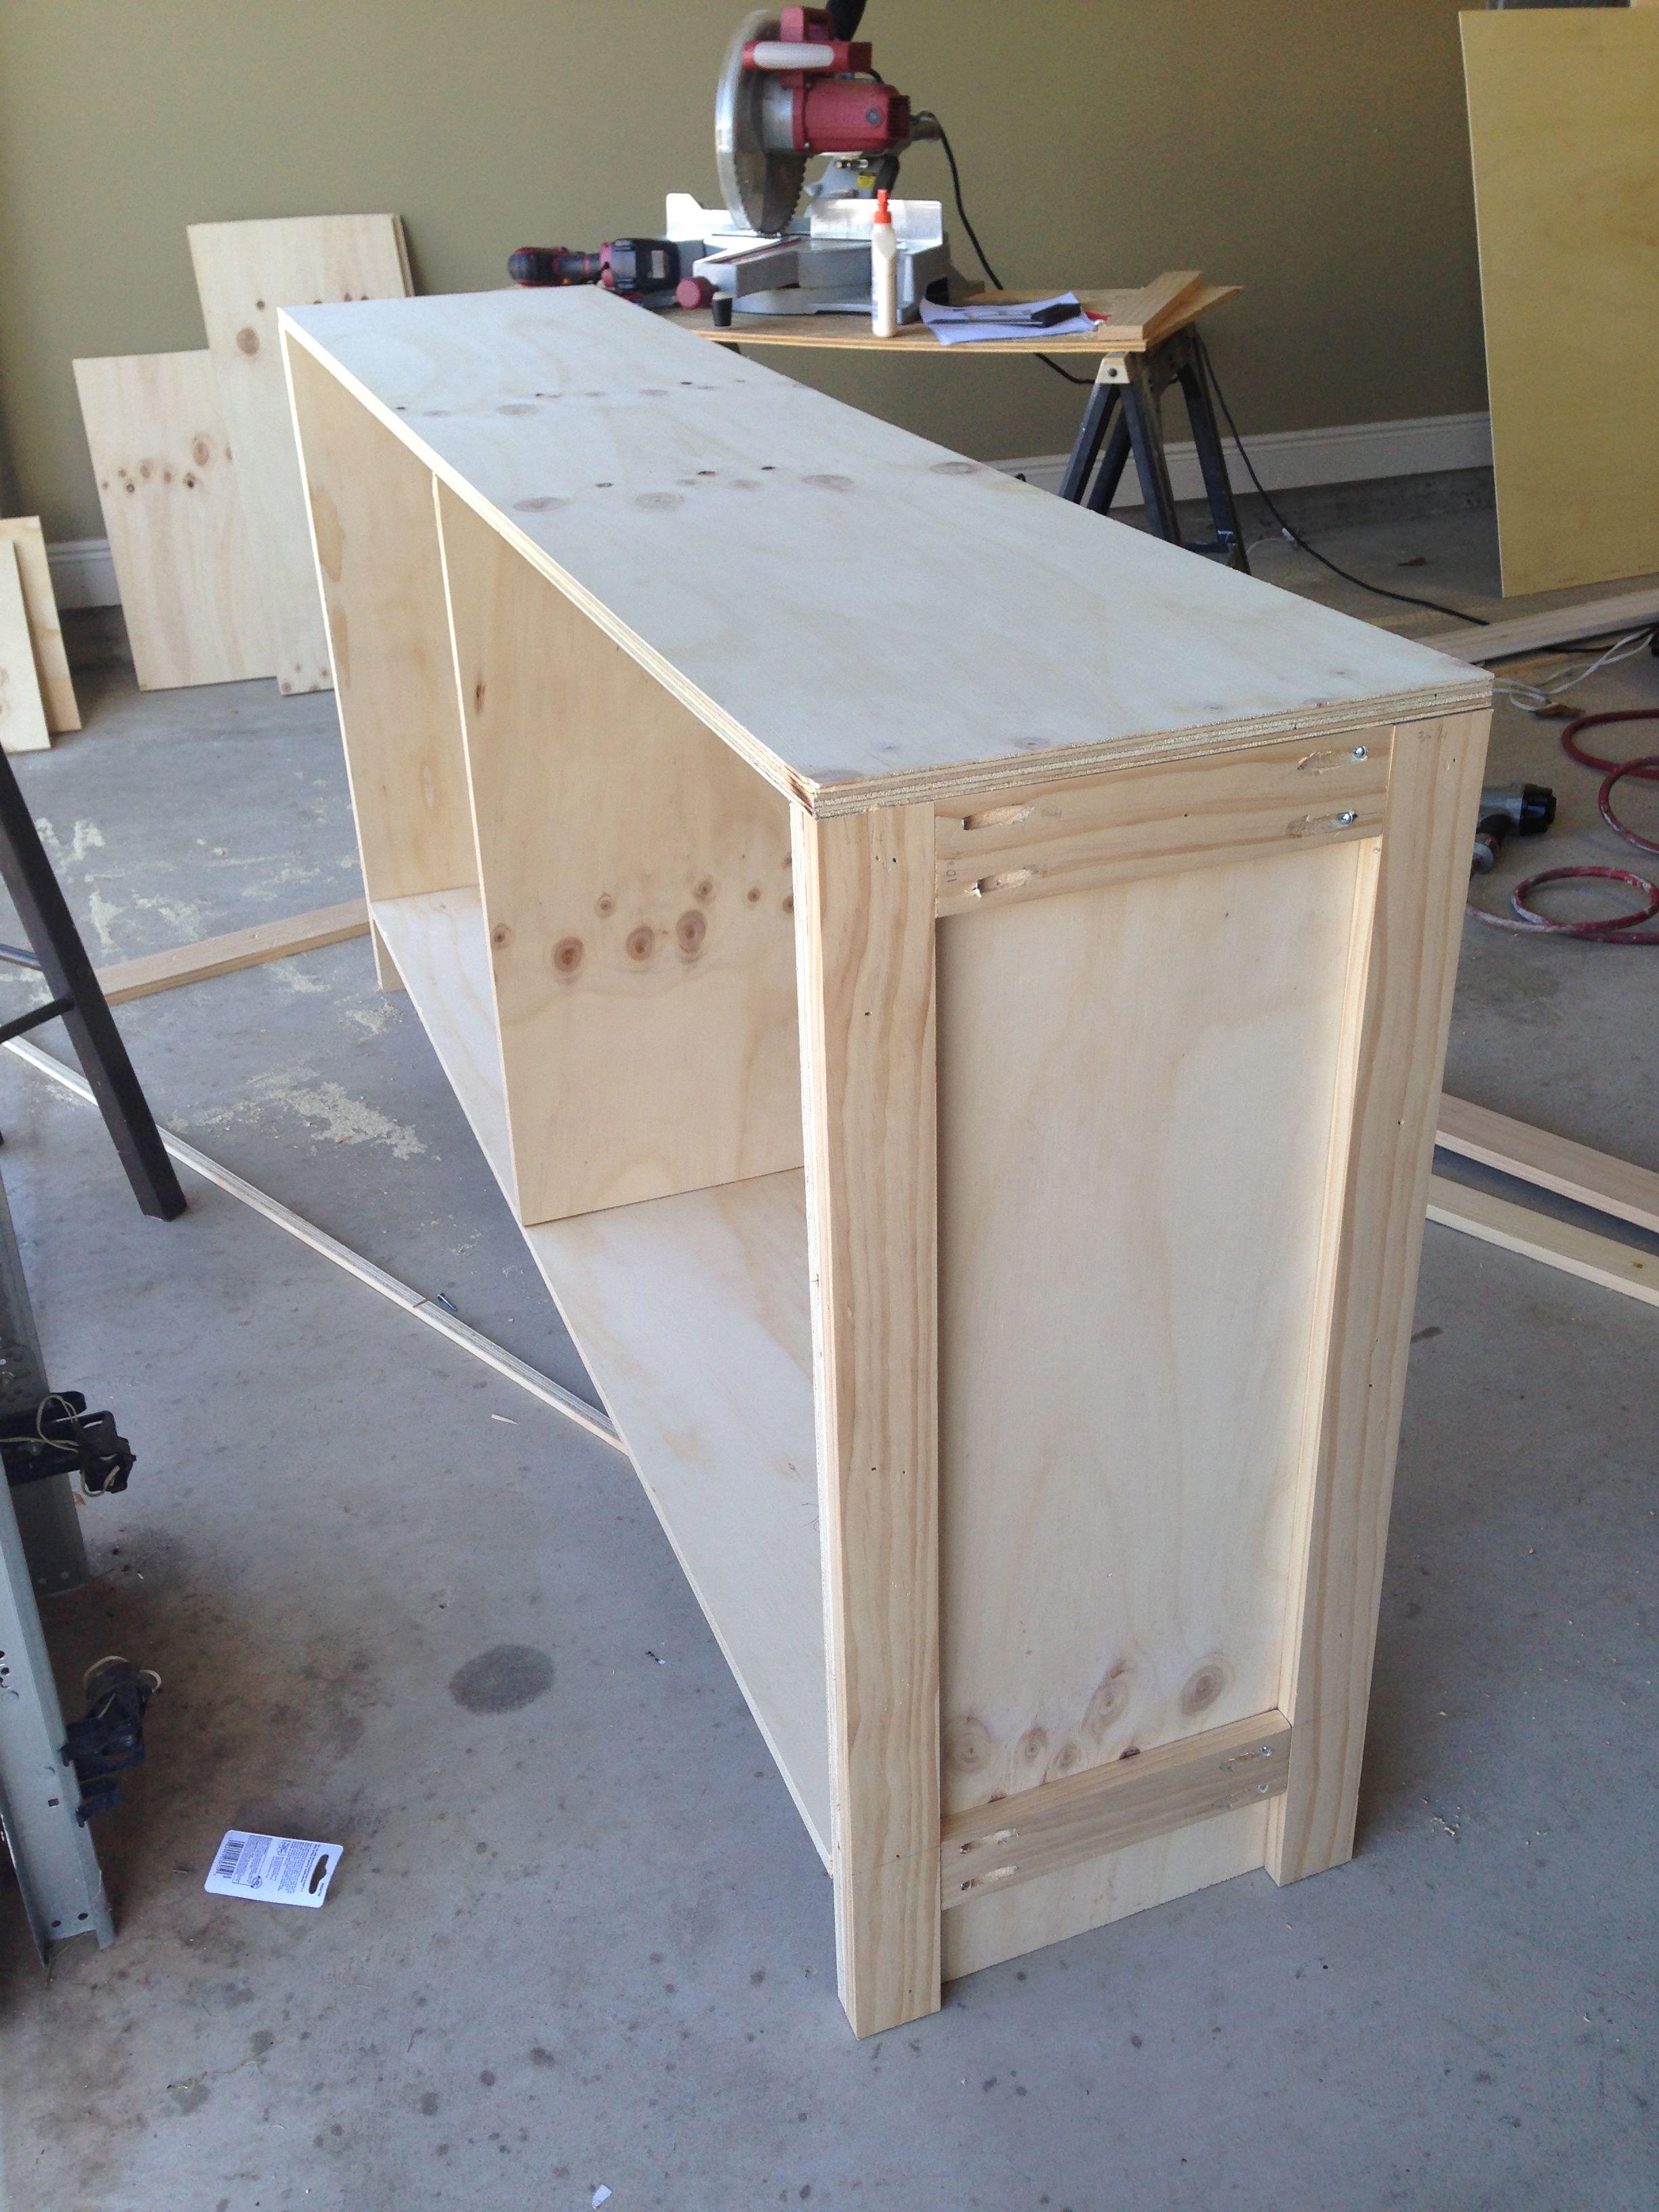 Diy Sideboard Laundry Room Sideboard Selber Bauen Selber Bauen